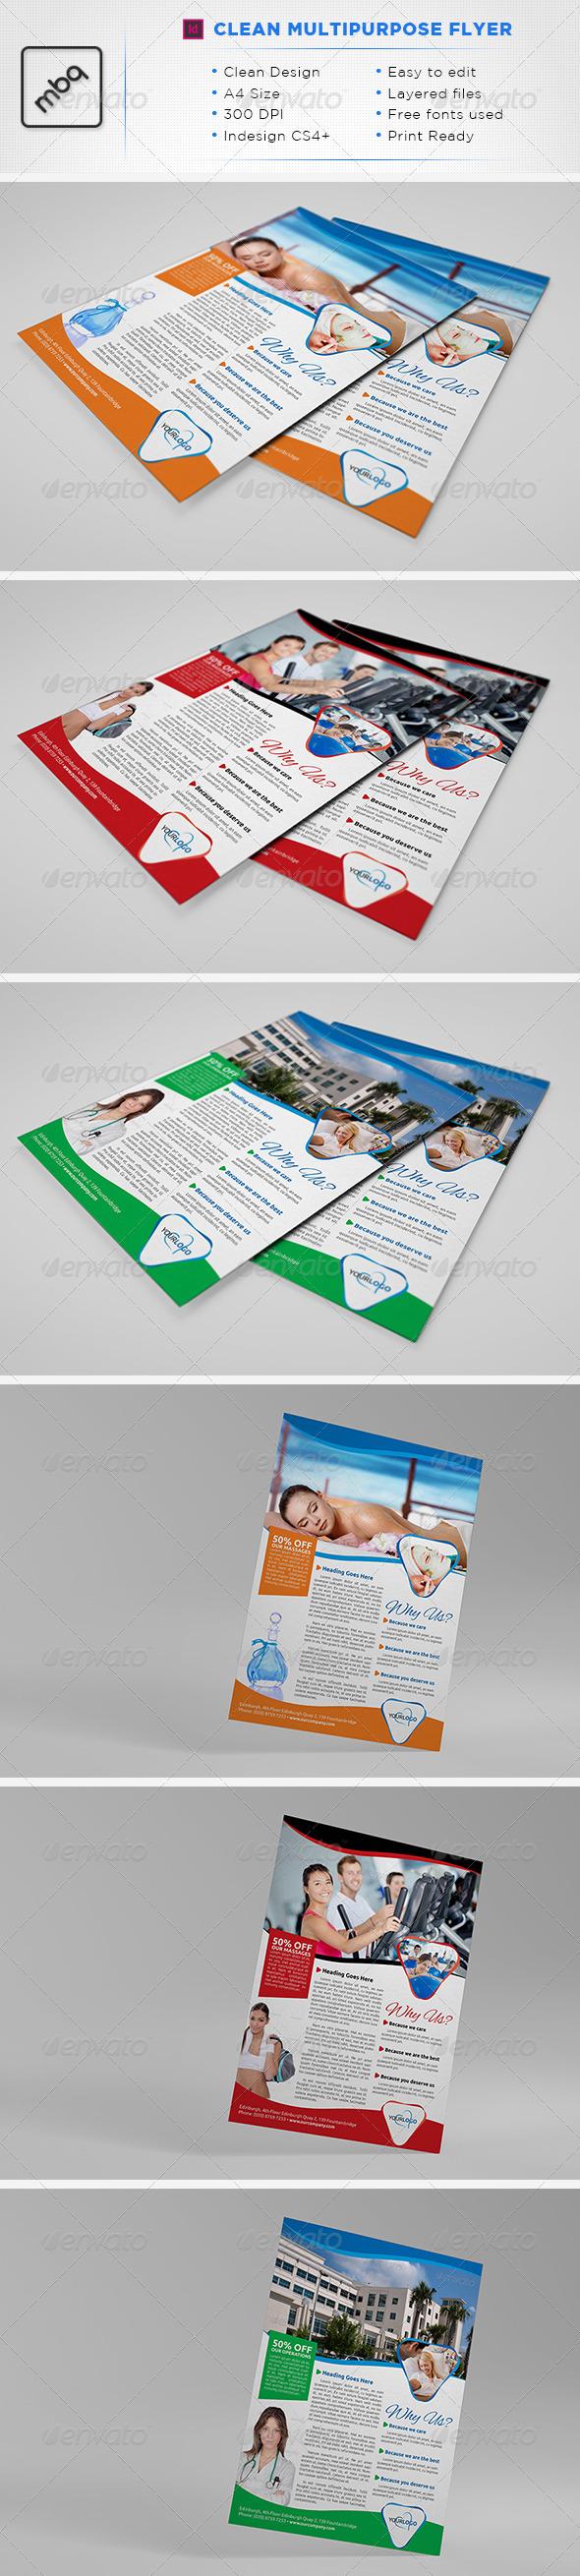 GraphicRiver Multipurpose A4 Flyer 3539362